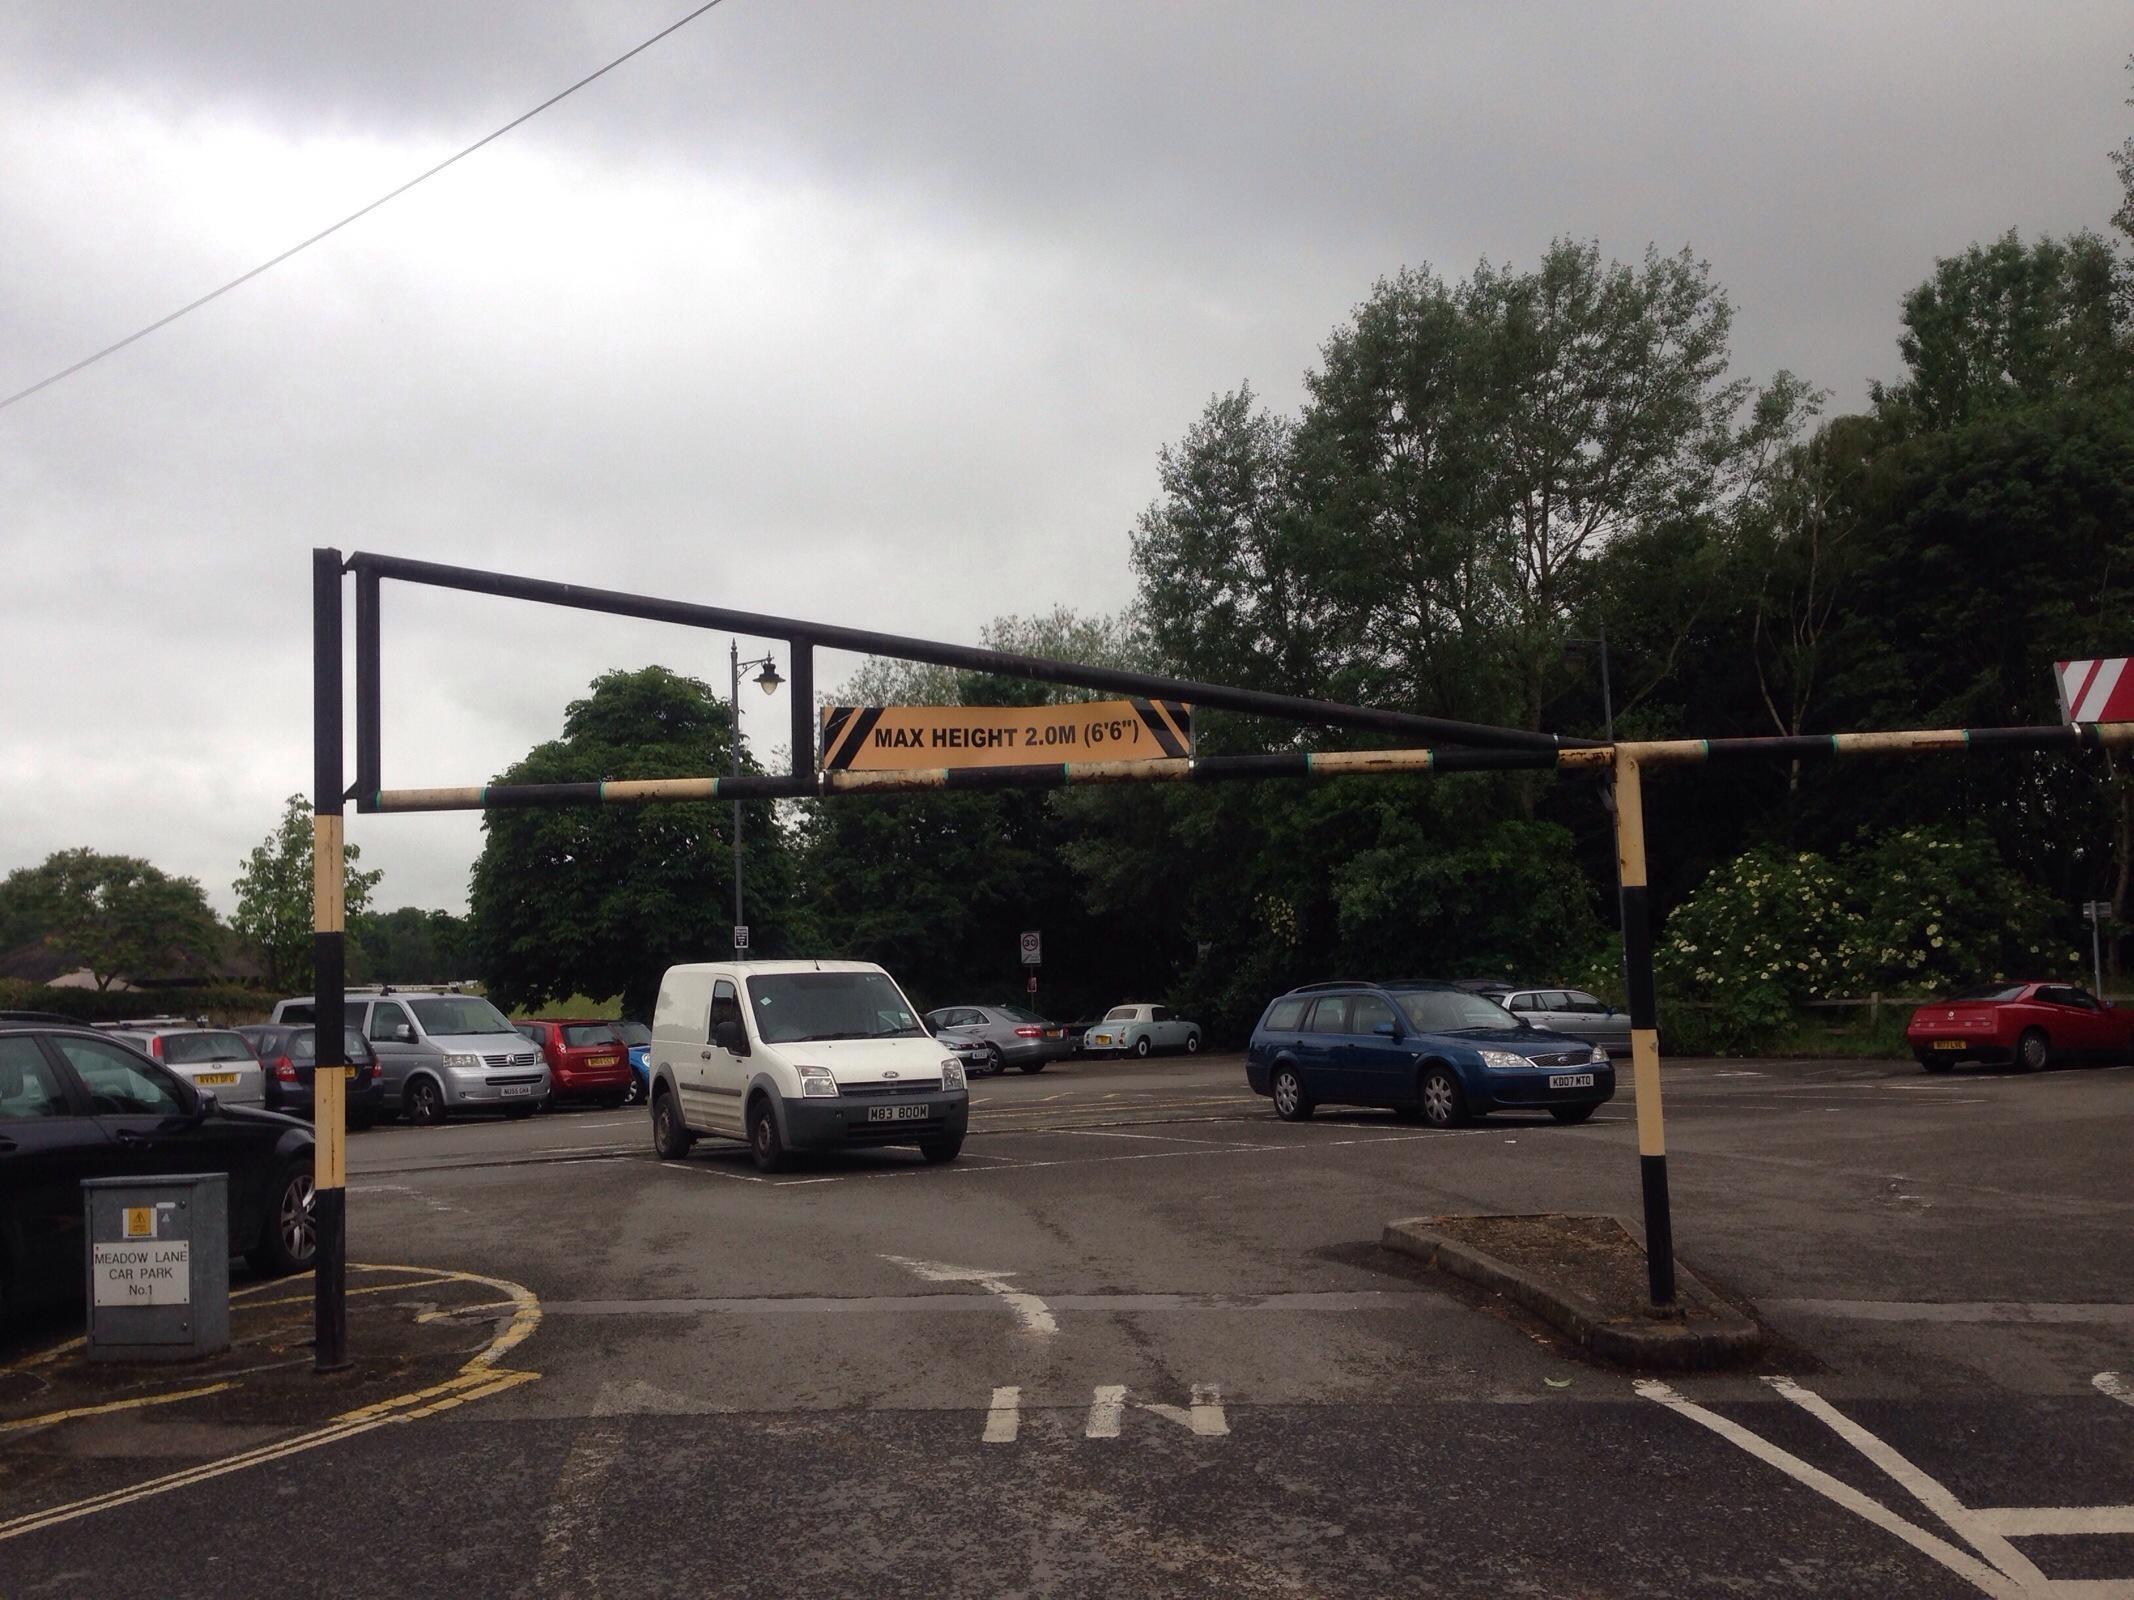 Meadow Lane Car Park - Parking in Eton | ParkMe